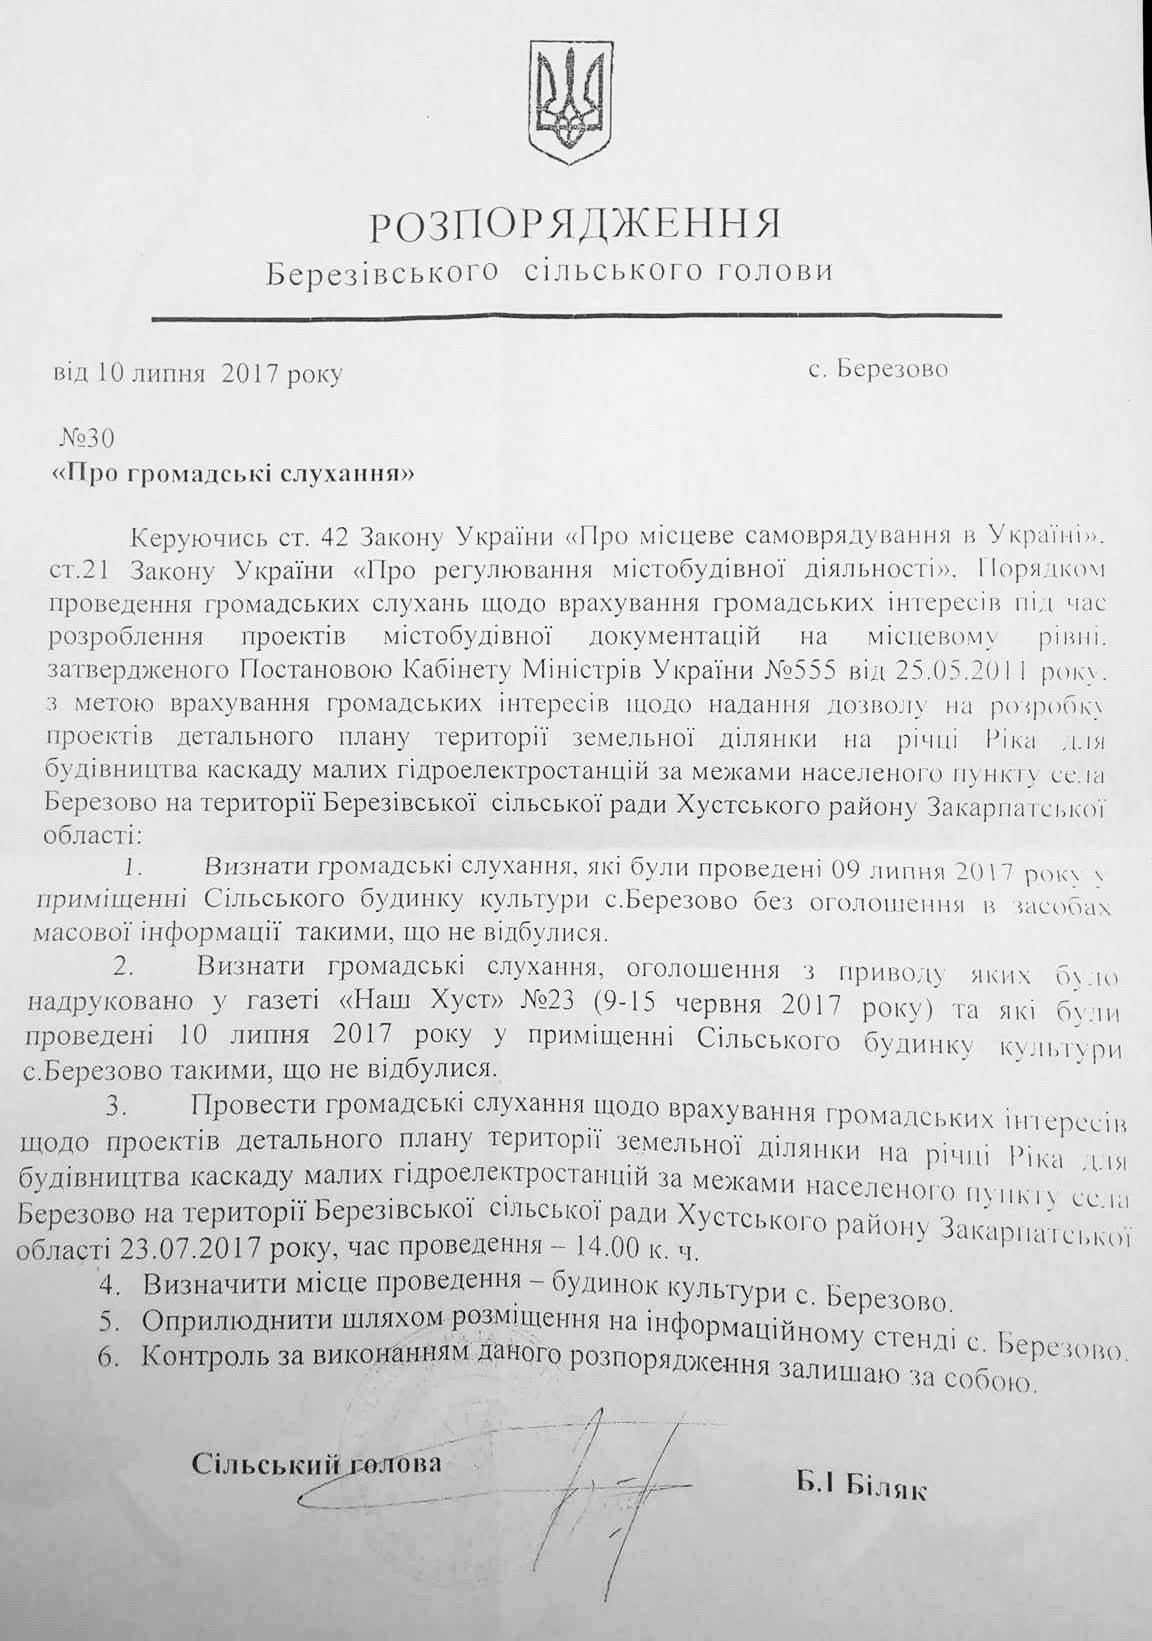 Голова с.Березово фактично визнав законними псевдослухання про зведення міні-ГЕС